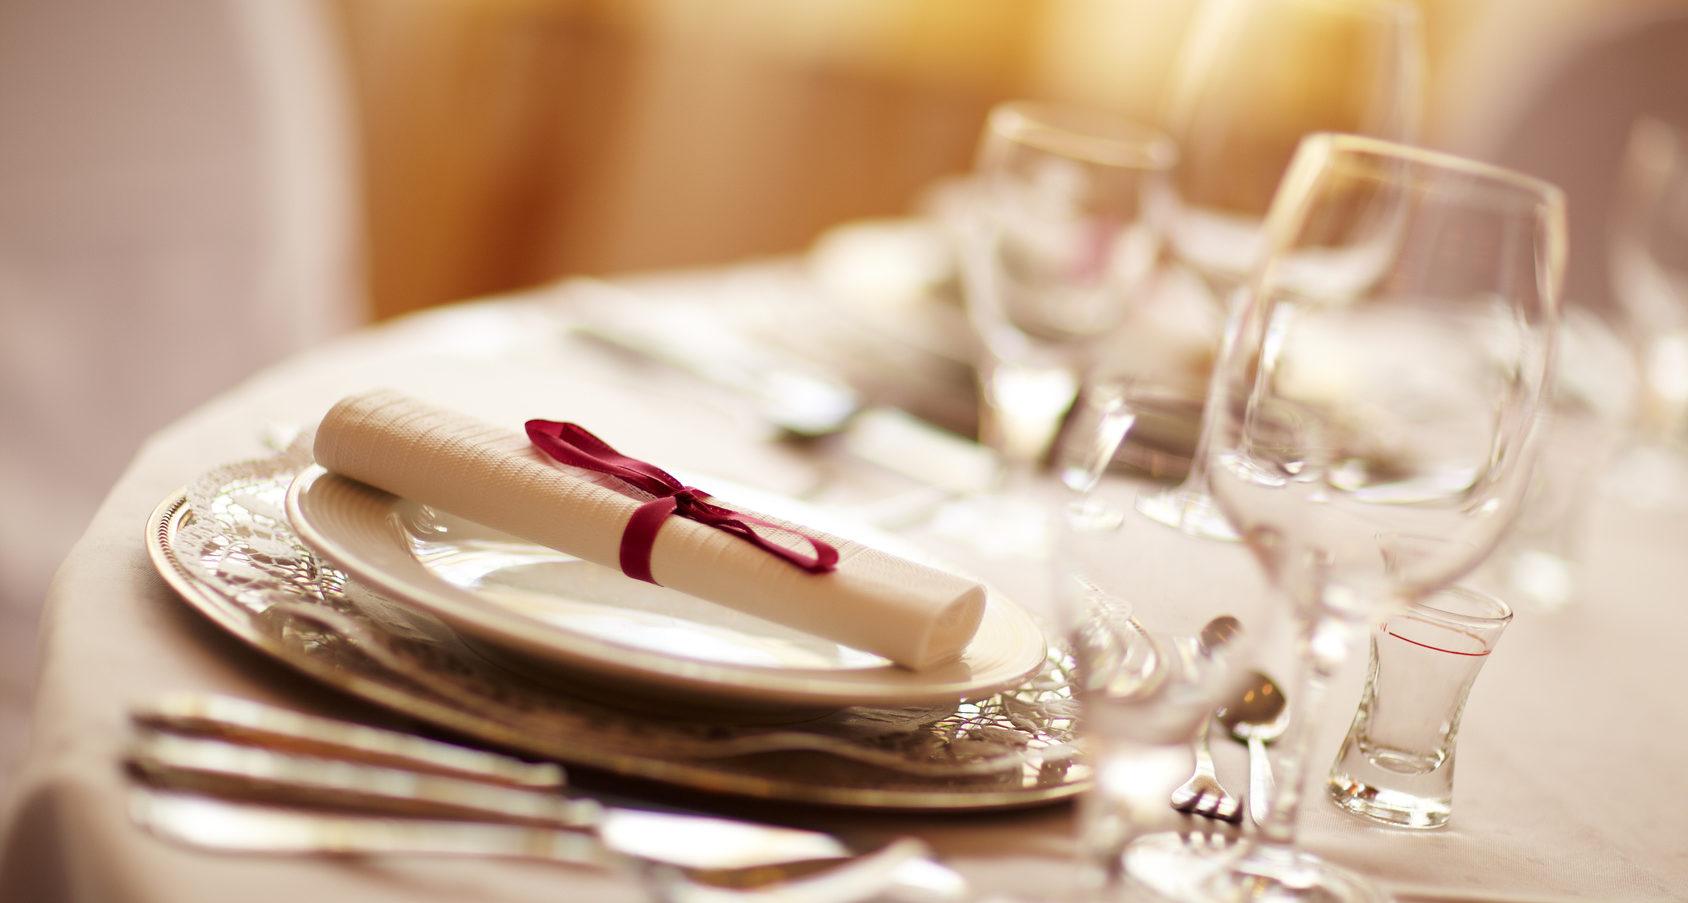 Charente star restaurant